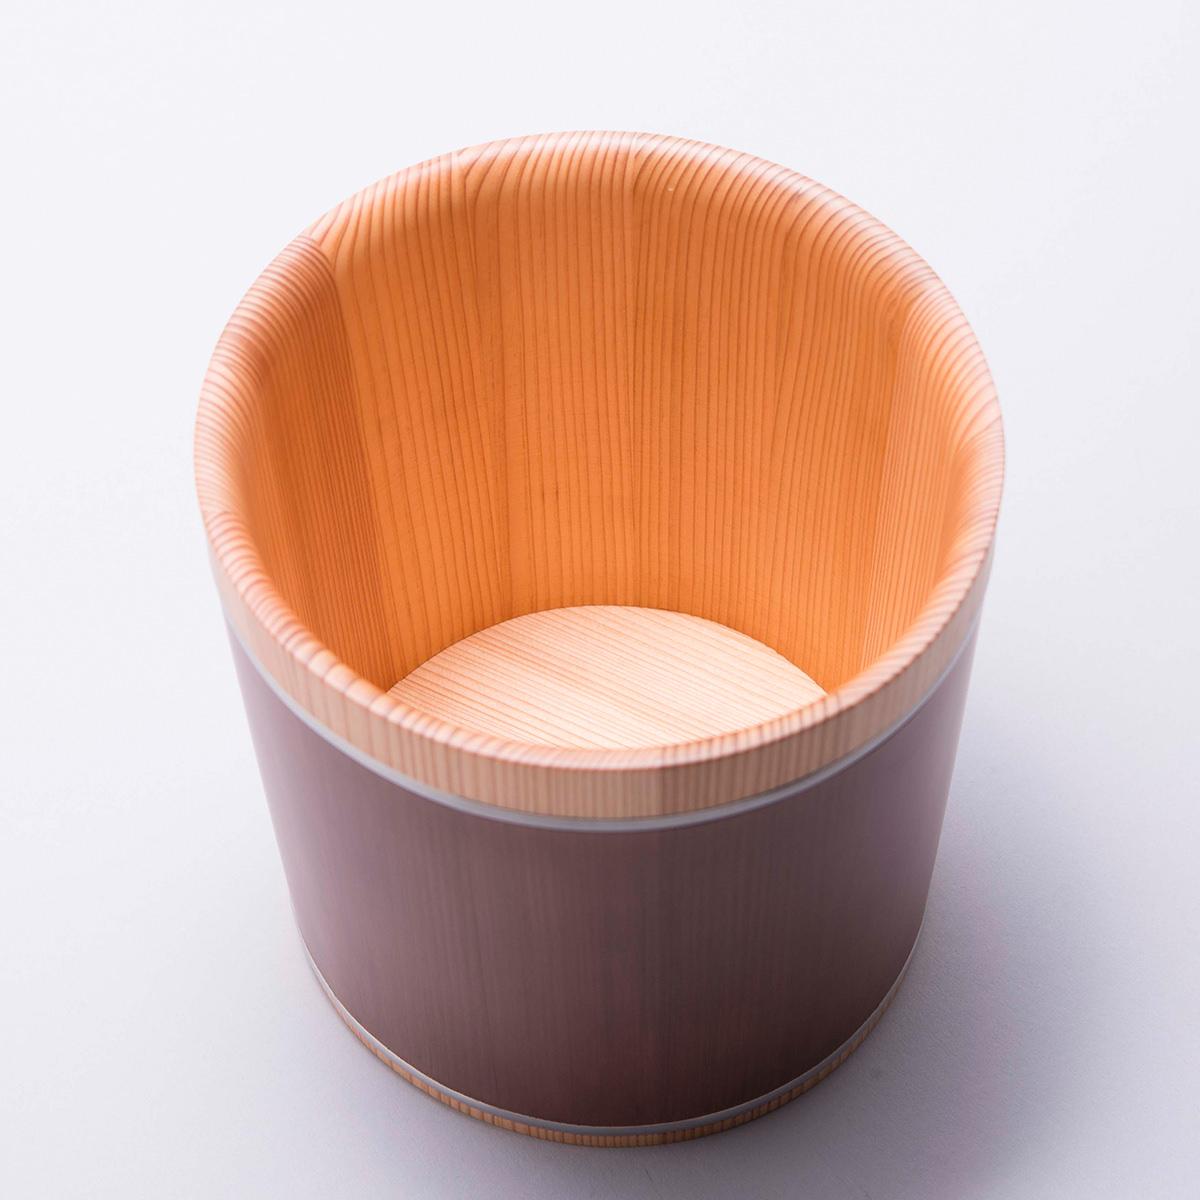 岡田製樽 お手入れ簡単 結露がつきにくく冷たさキープ 徳島県産杉 ワインクーラー〔Φ約19cm×H約20cm〕